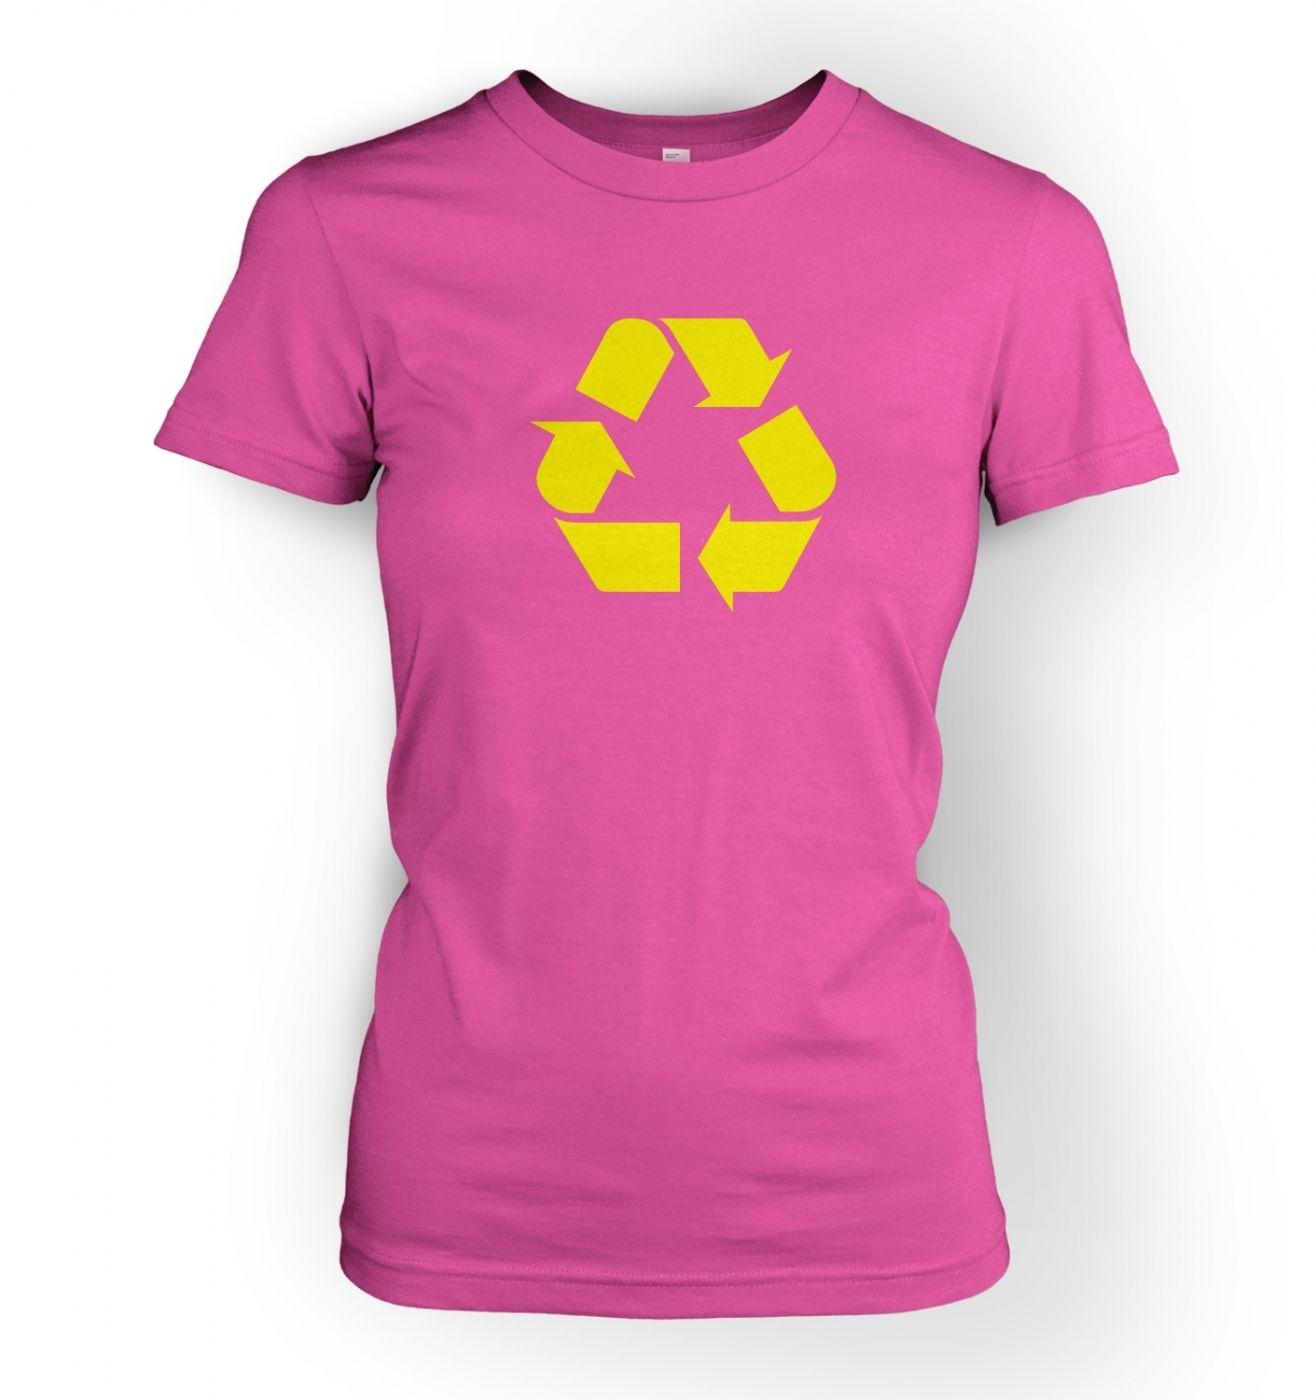 Women's Yellow Recycling Symbol  T-Shirt